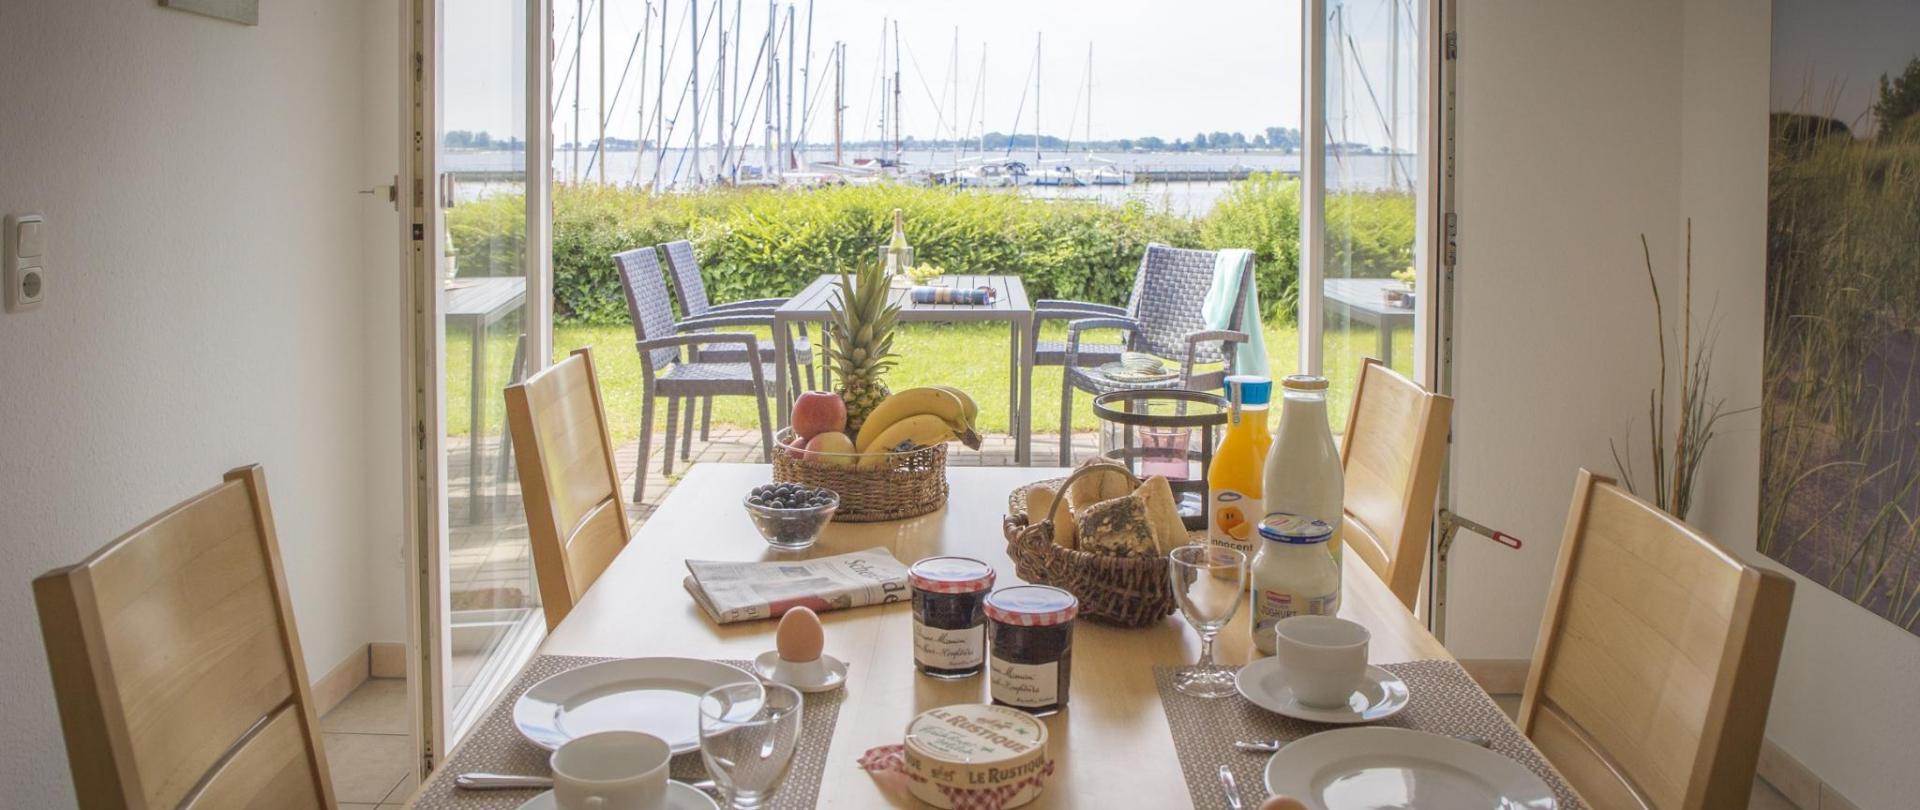 EG Küche Esstisch Terrasse.jpg